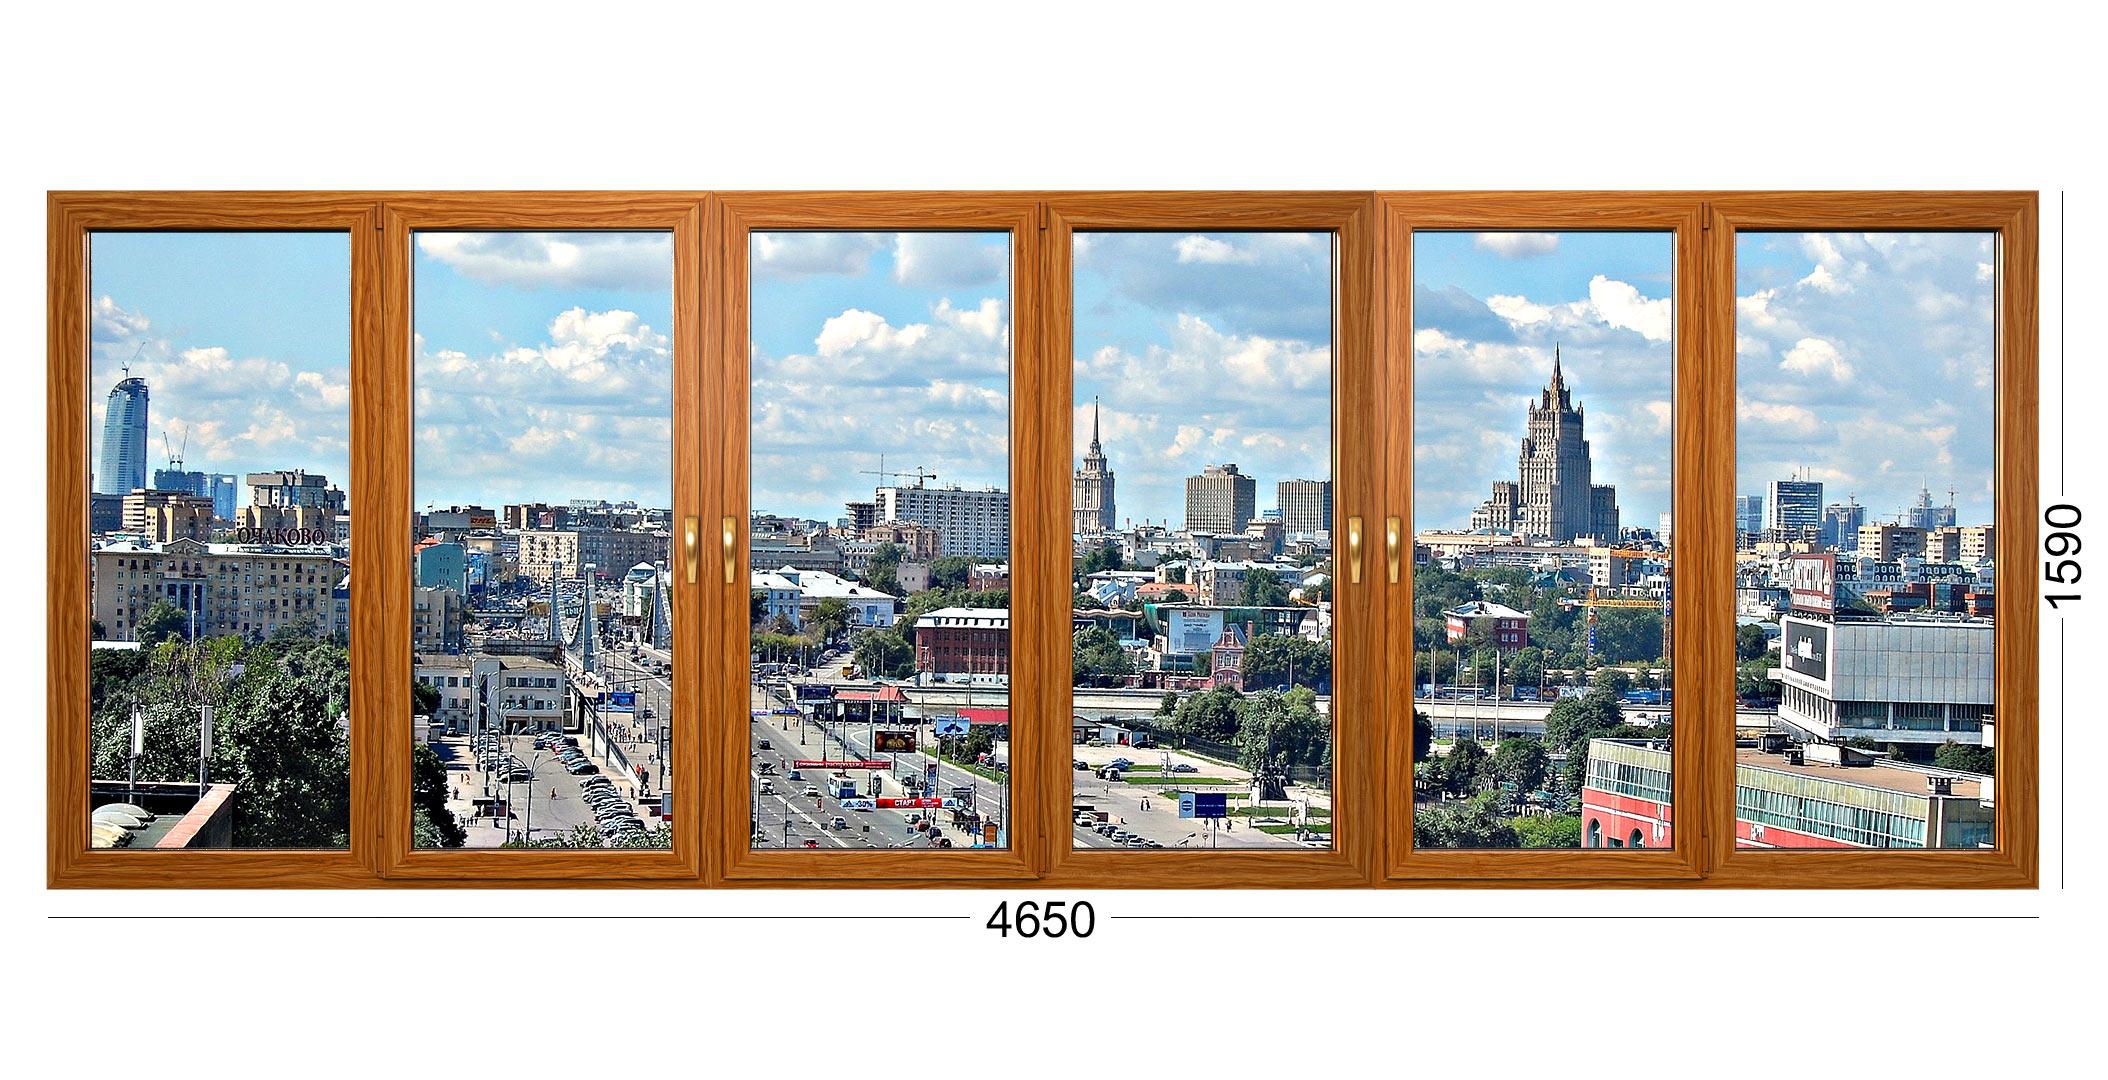 Лоджия окна из дерева дома серии Башня Тишинская в Москве. Фото